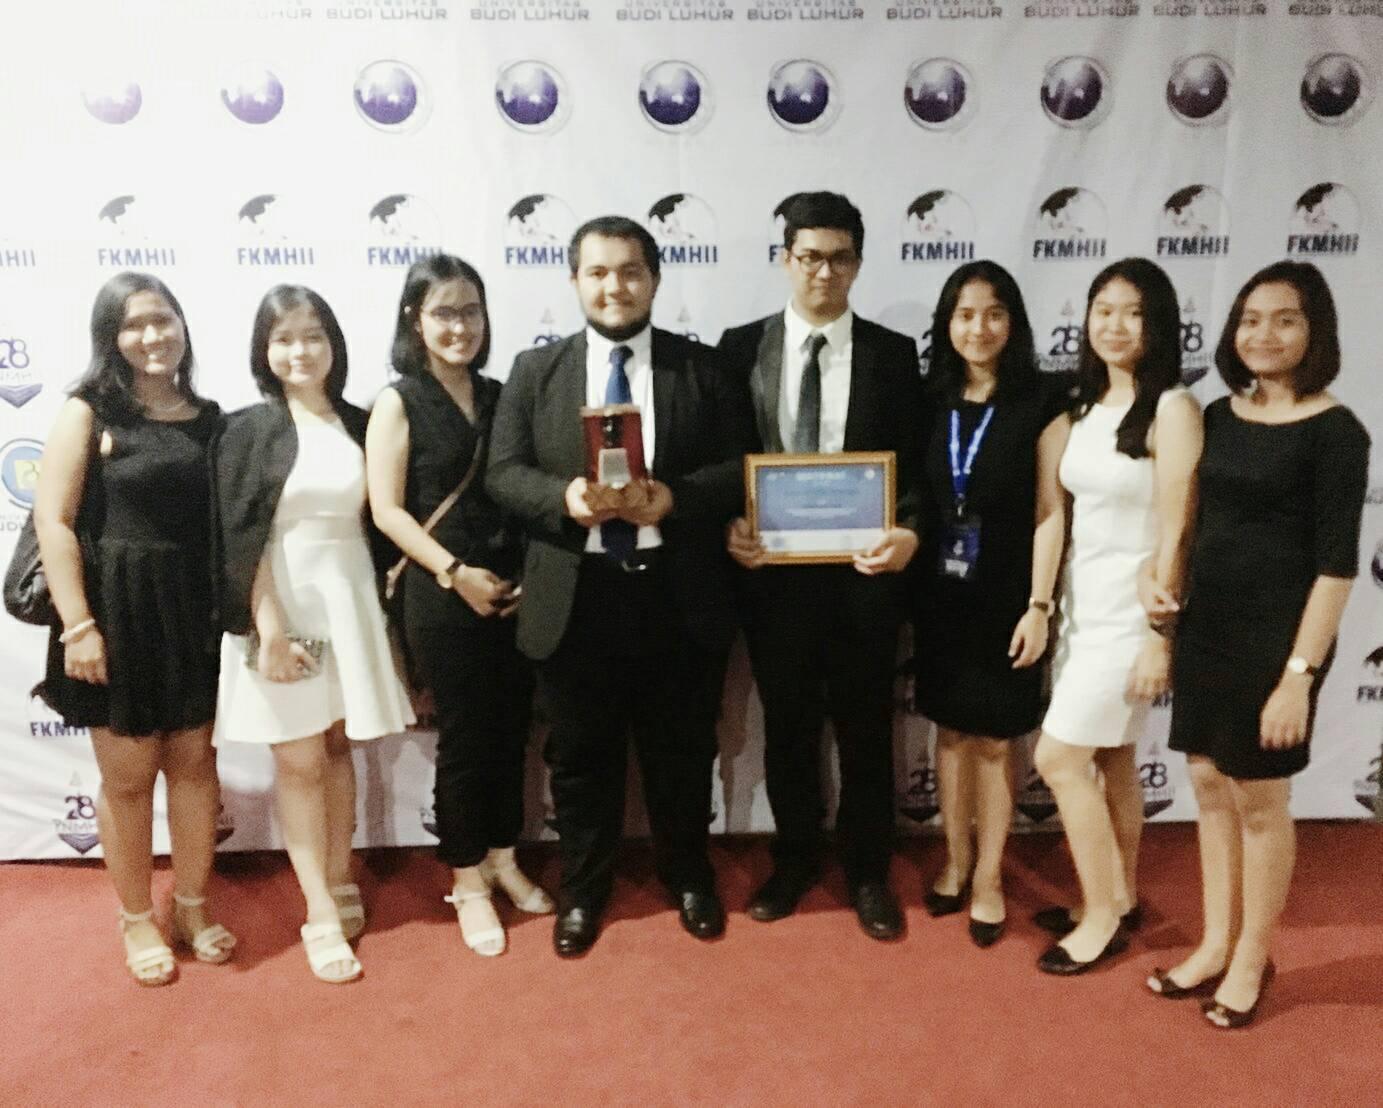 Delegasi UNPAR Raih Penghargaan pada PNMHII XVII